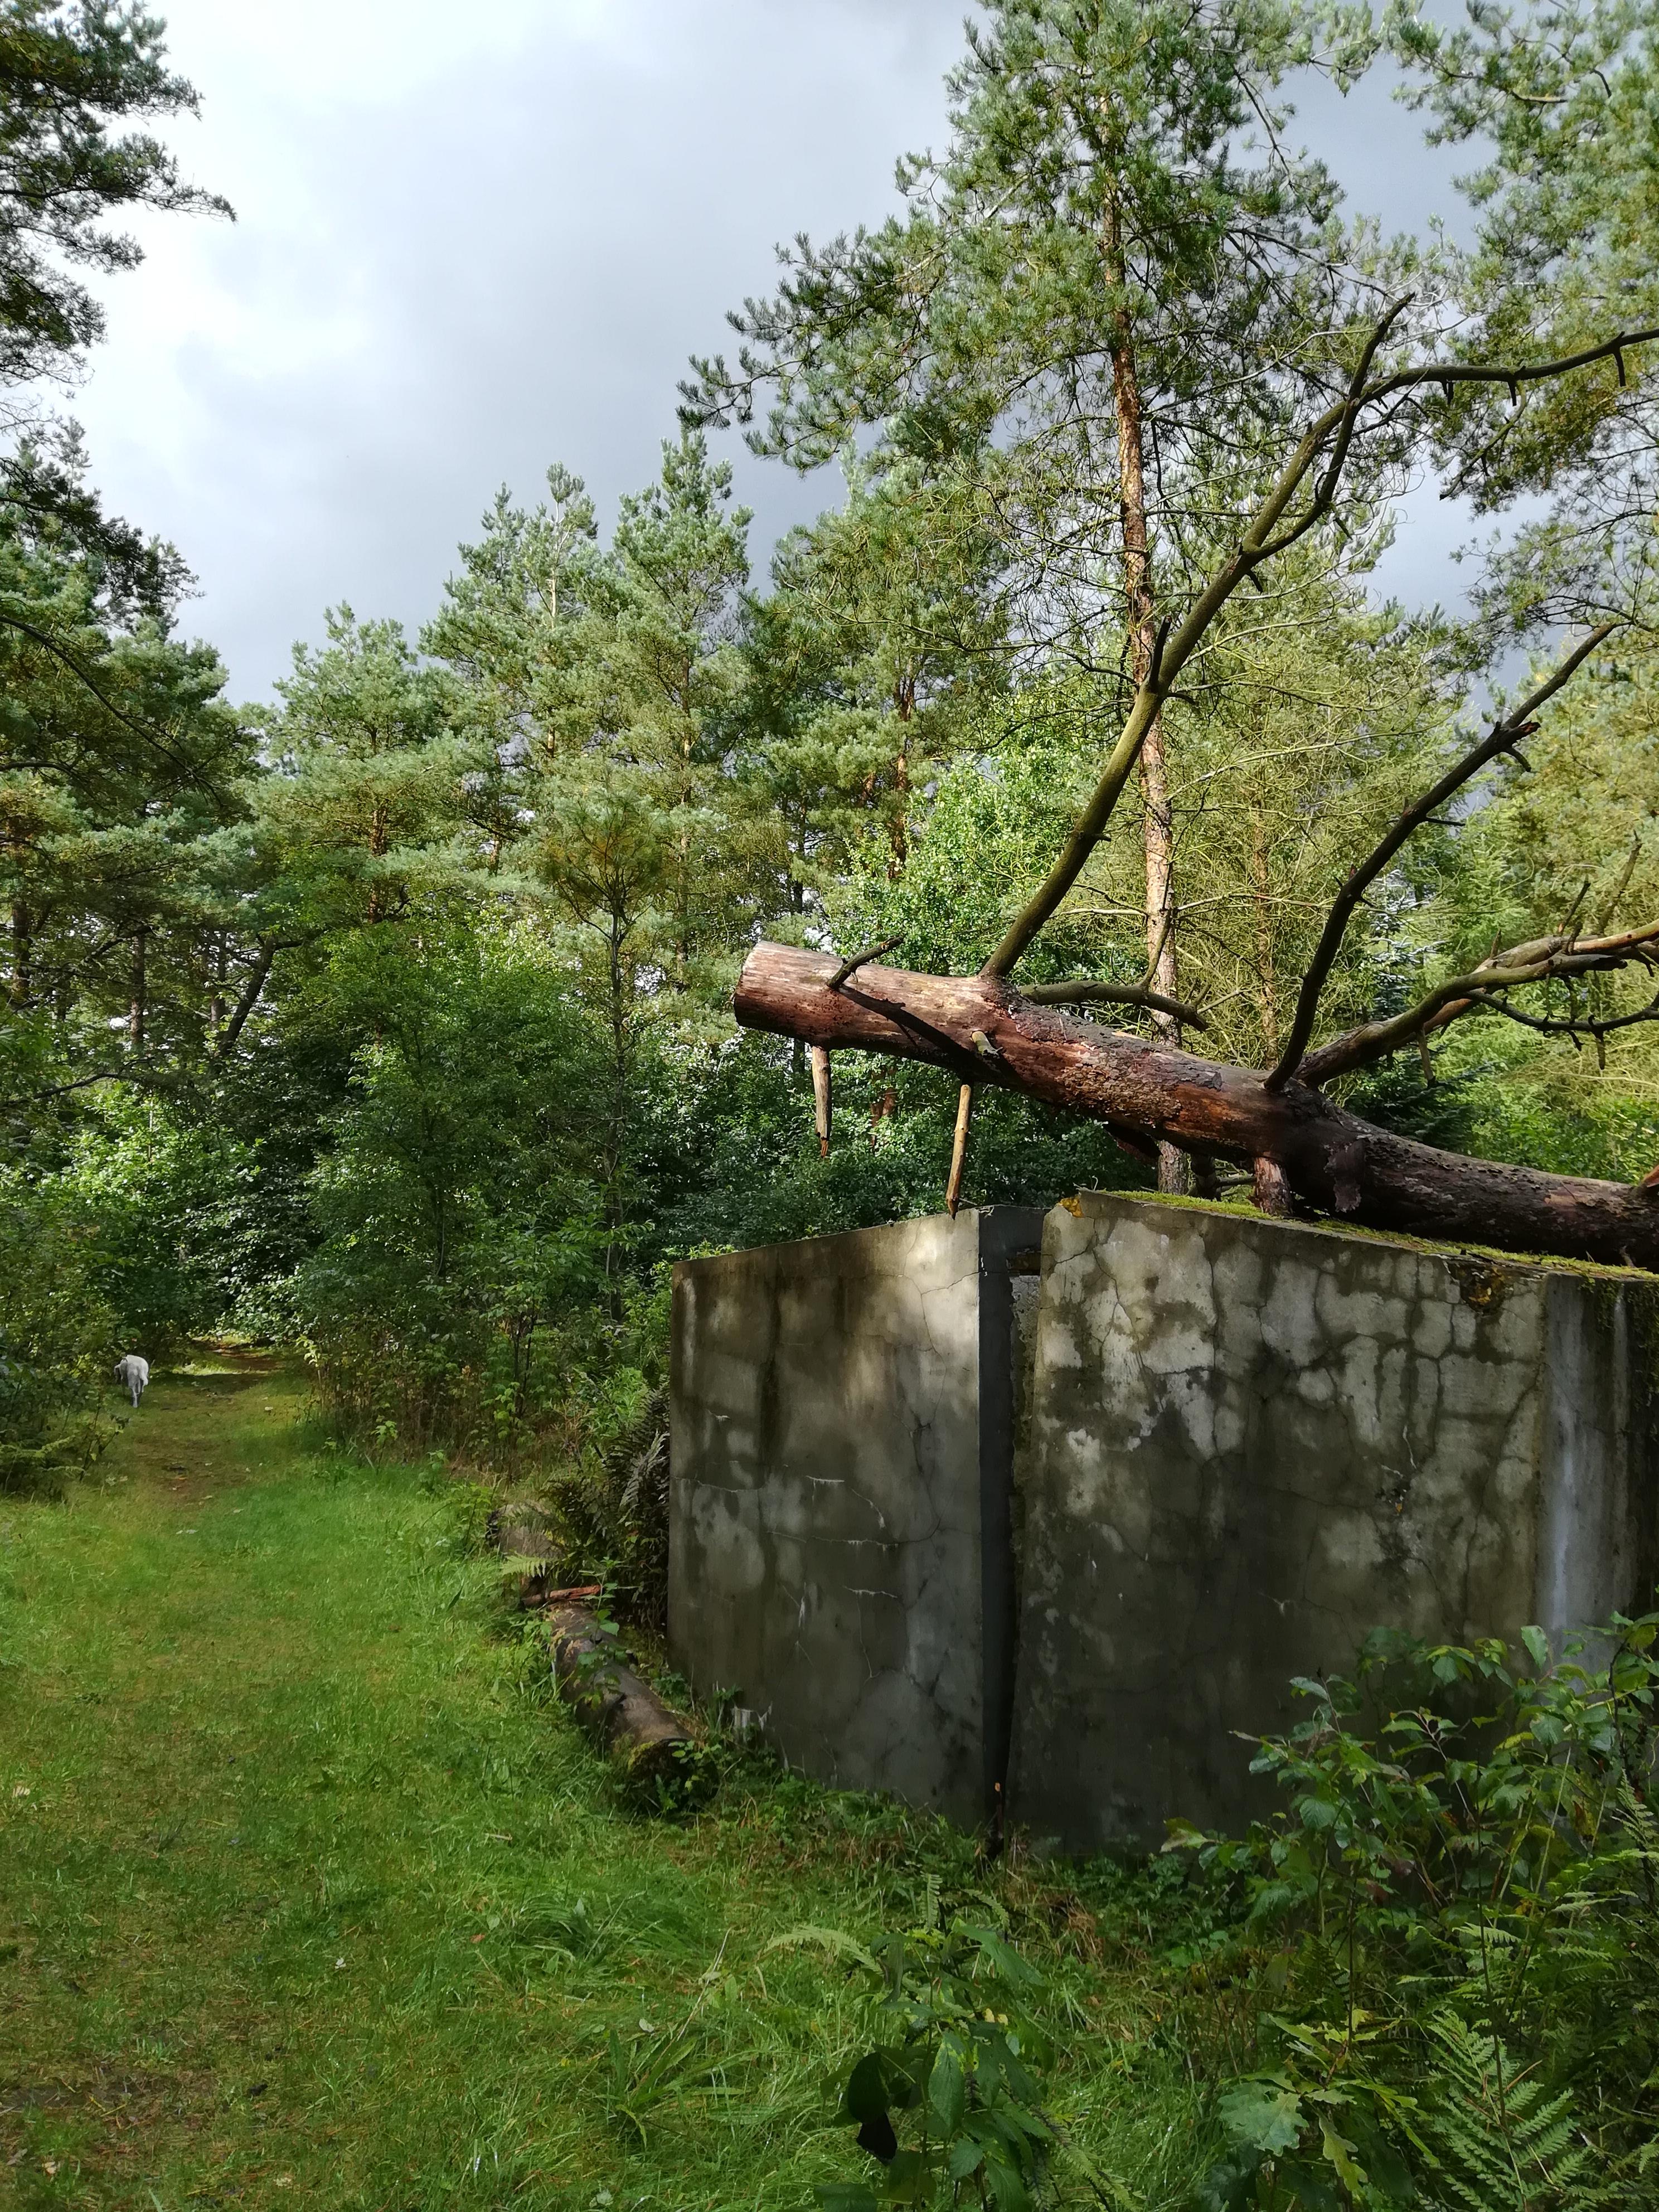 Skovsnogen, væltet træ